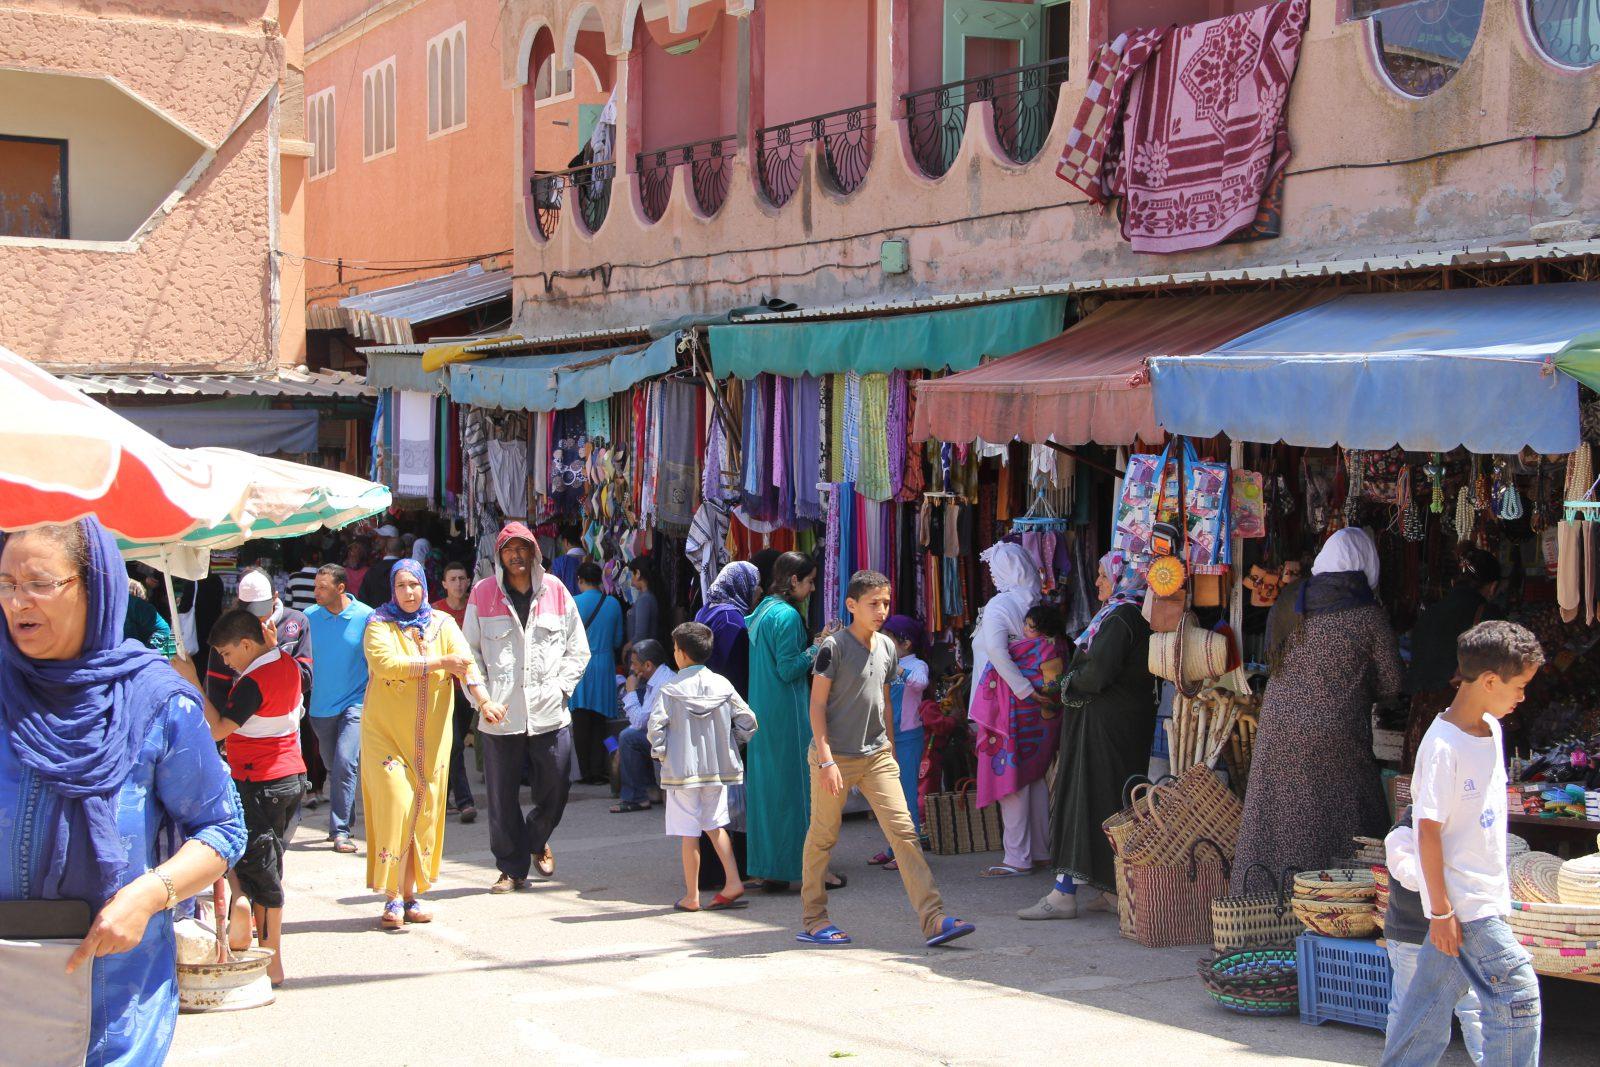 Dag 8 - Groepsreis Marrakech & meer - NL reisleider